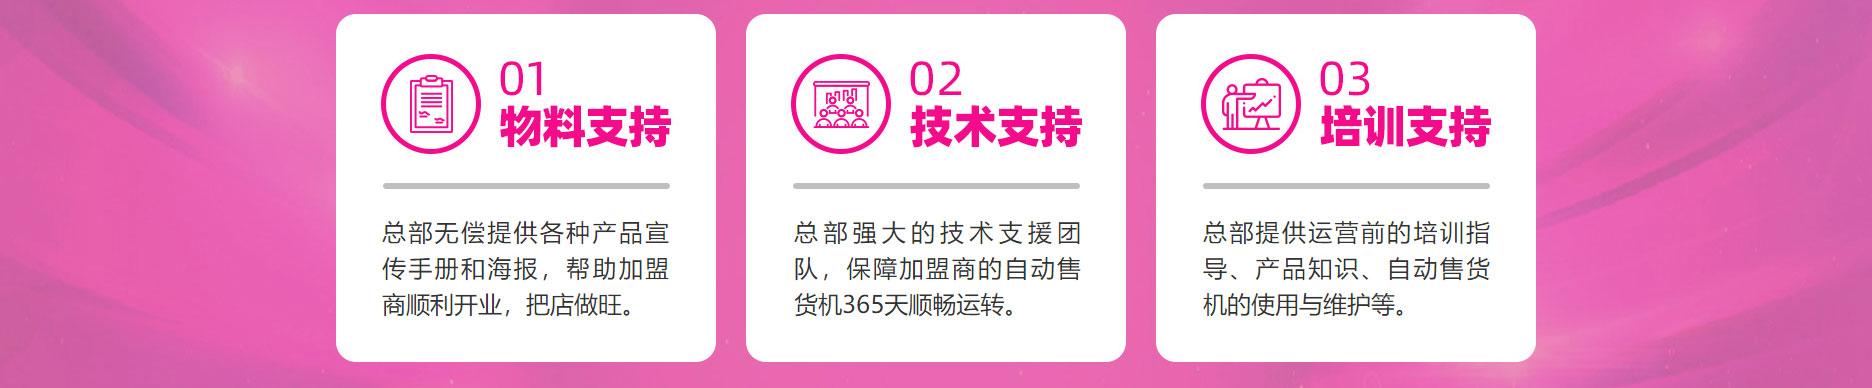 97情趣生活馆qqshg_21